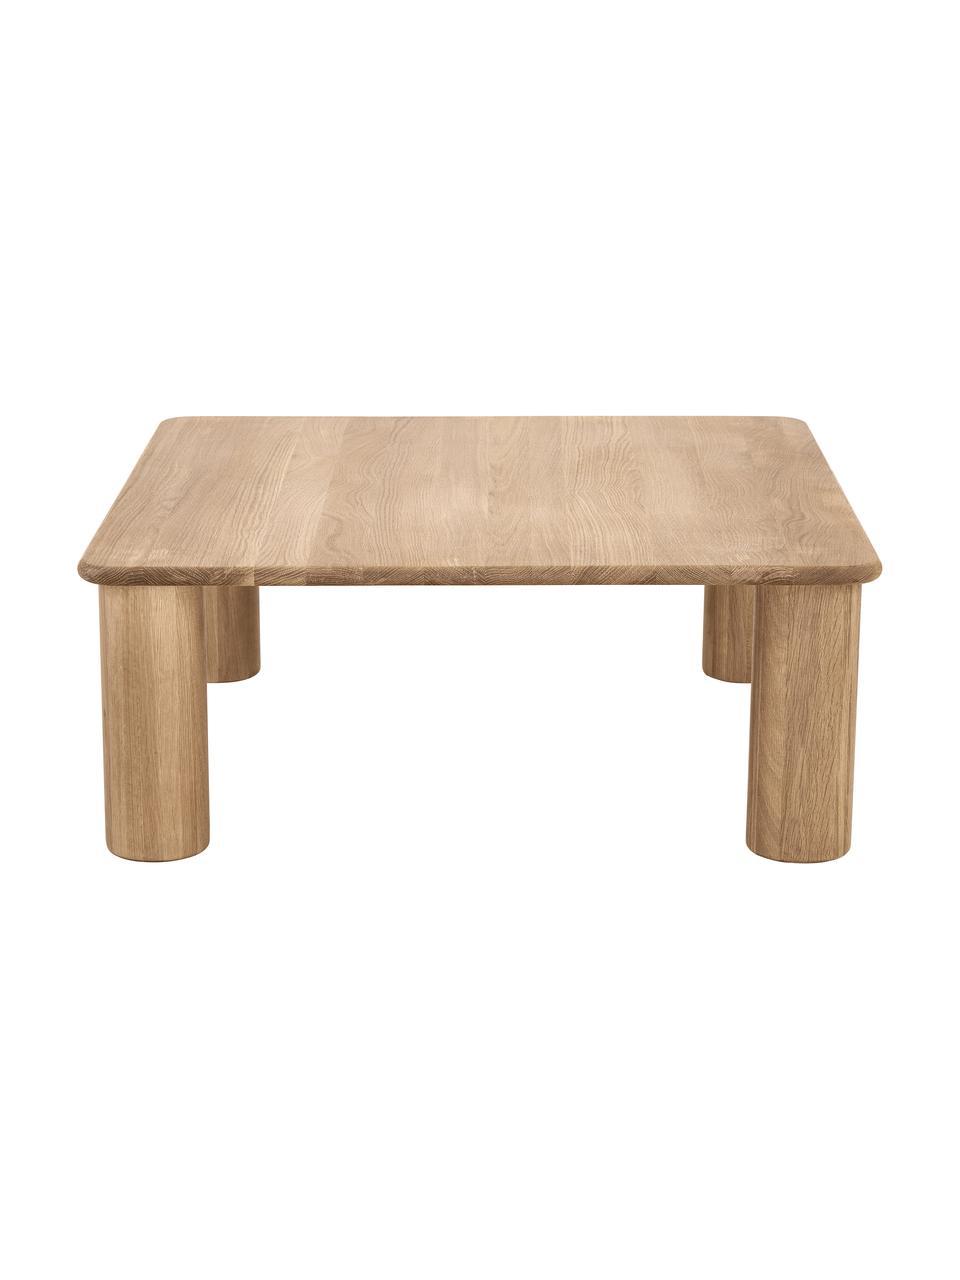 Table basse bois de chêne Didi, Brun